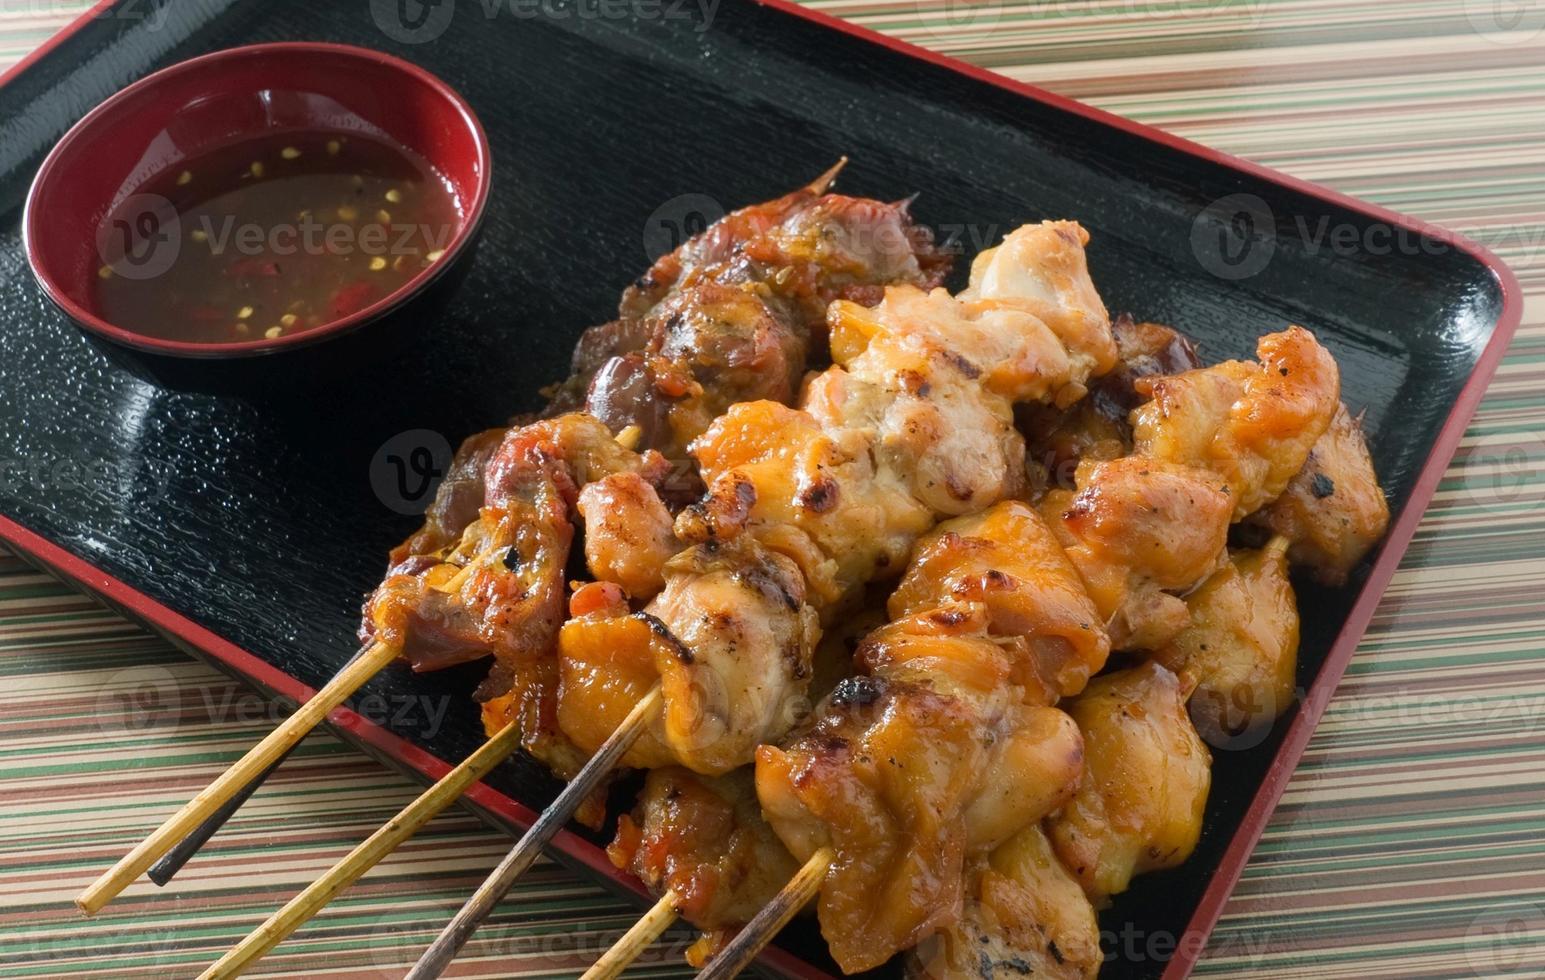 läcker grillfest kyckling grillad mat på spett foto